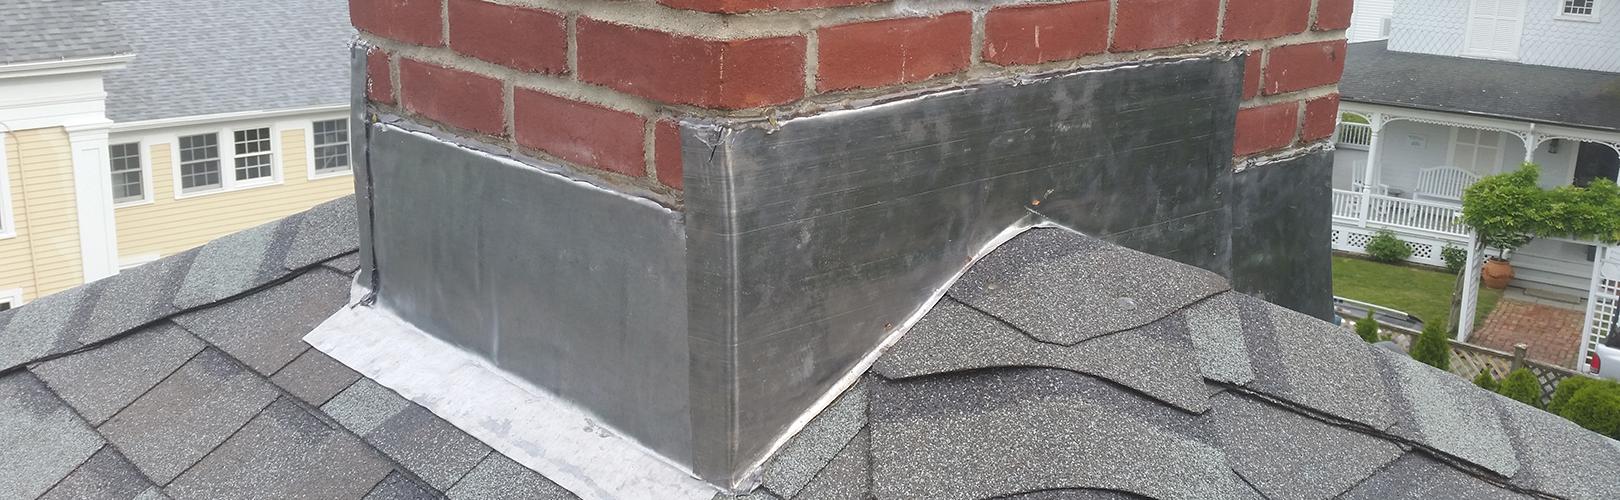 chimney repair ct